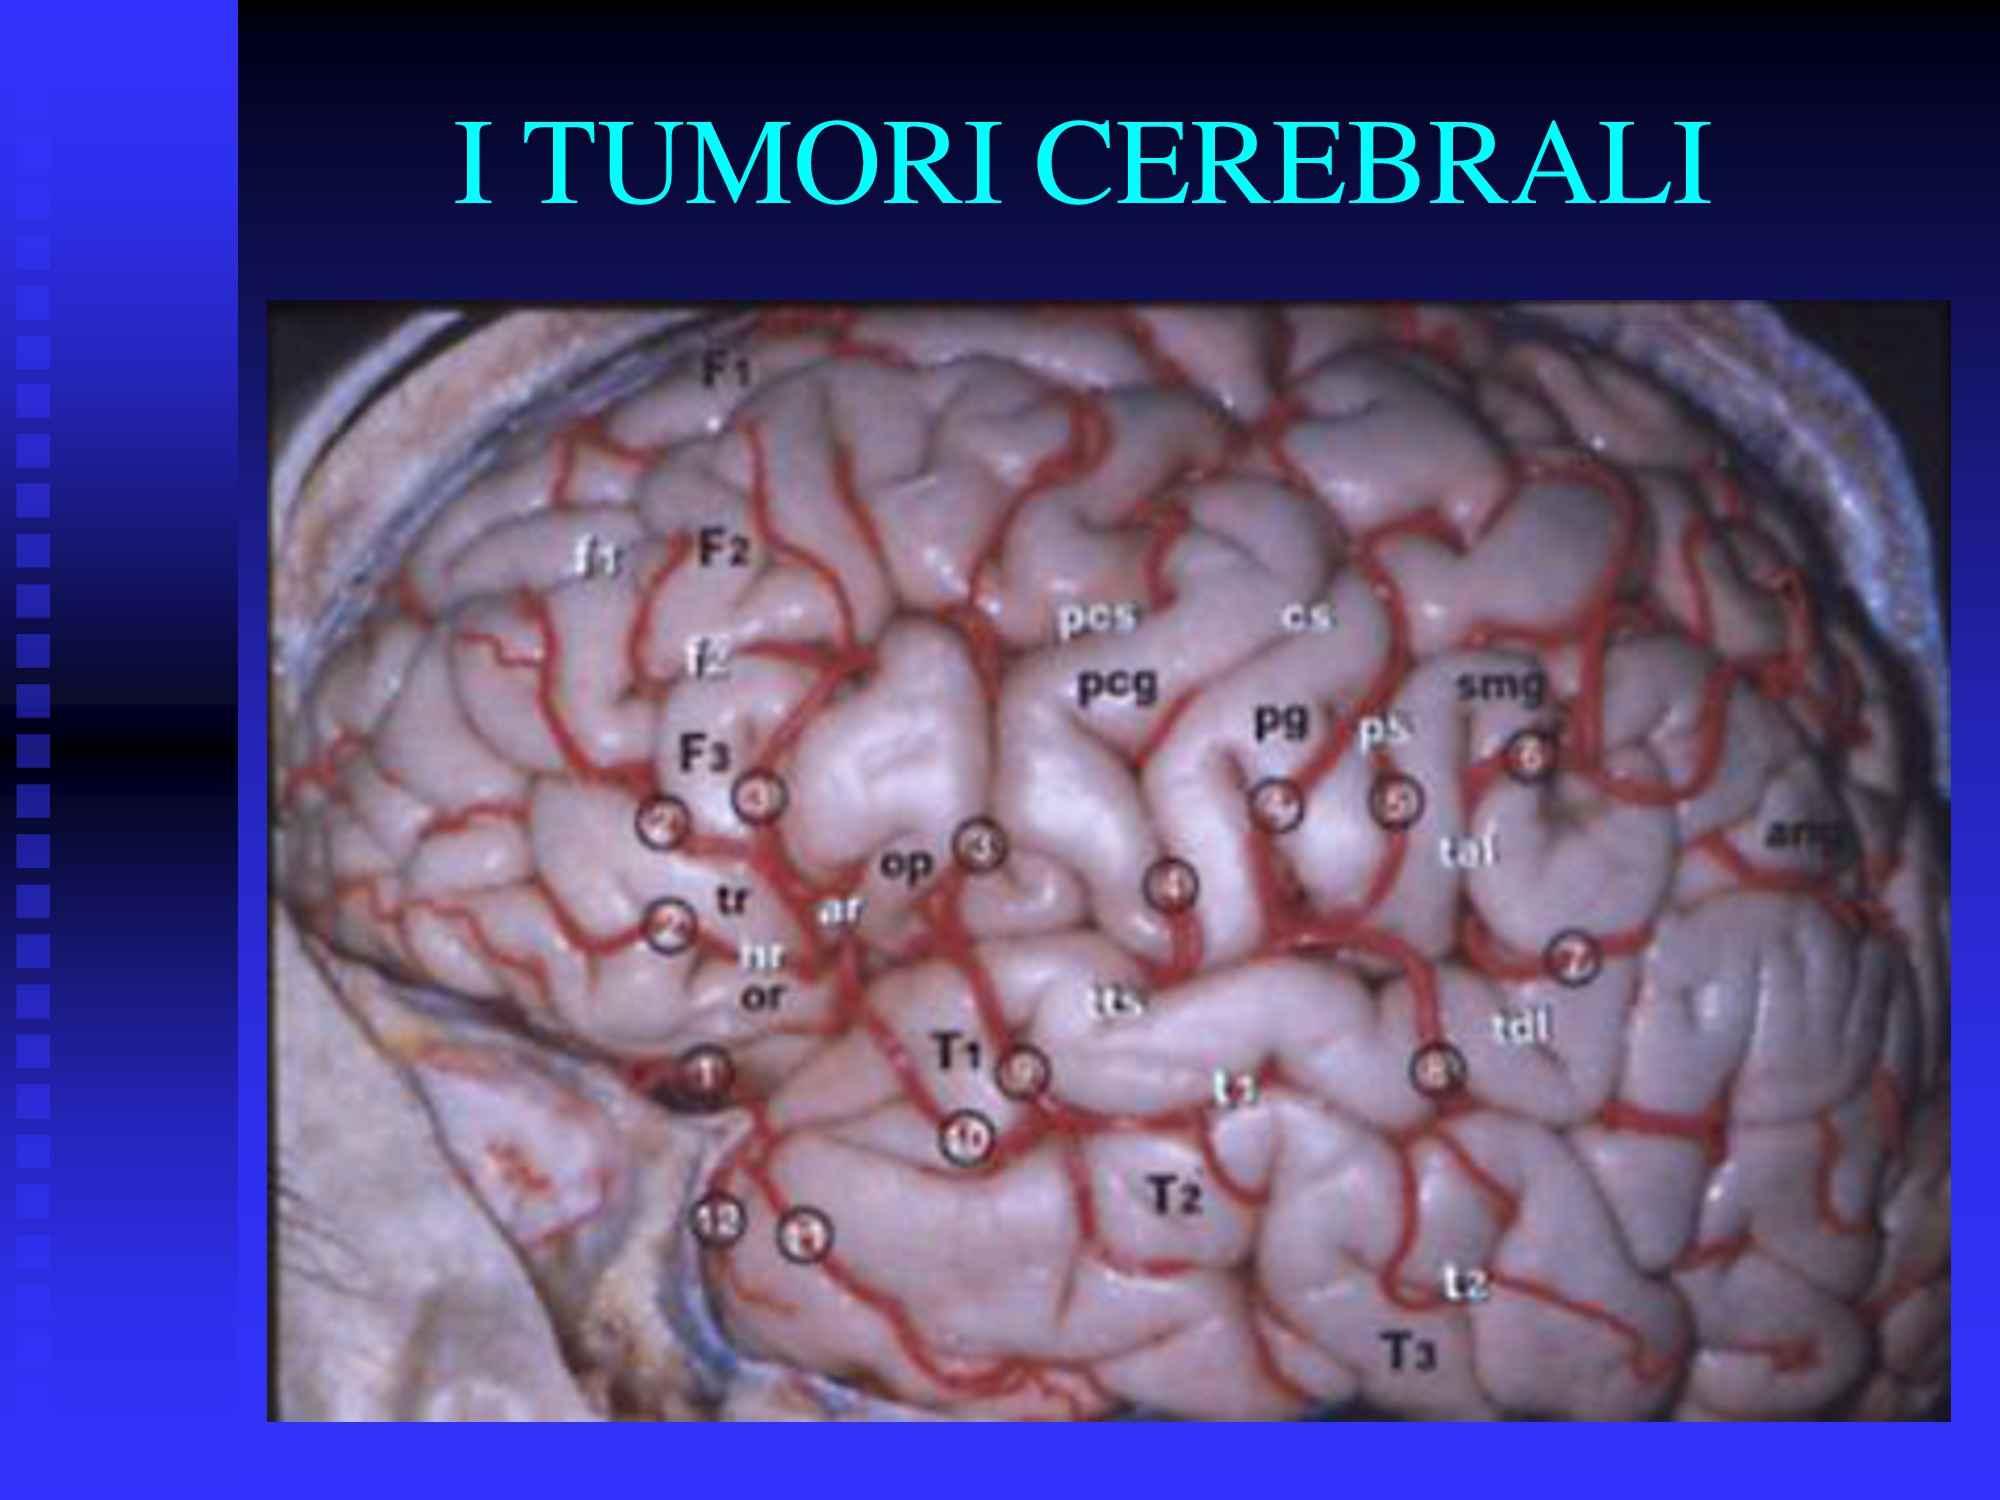 Tumori cerebrali